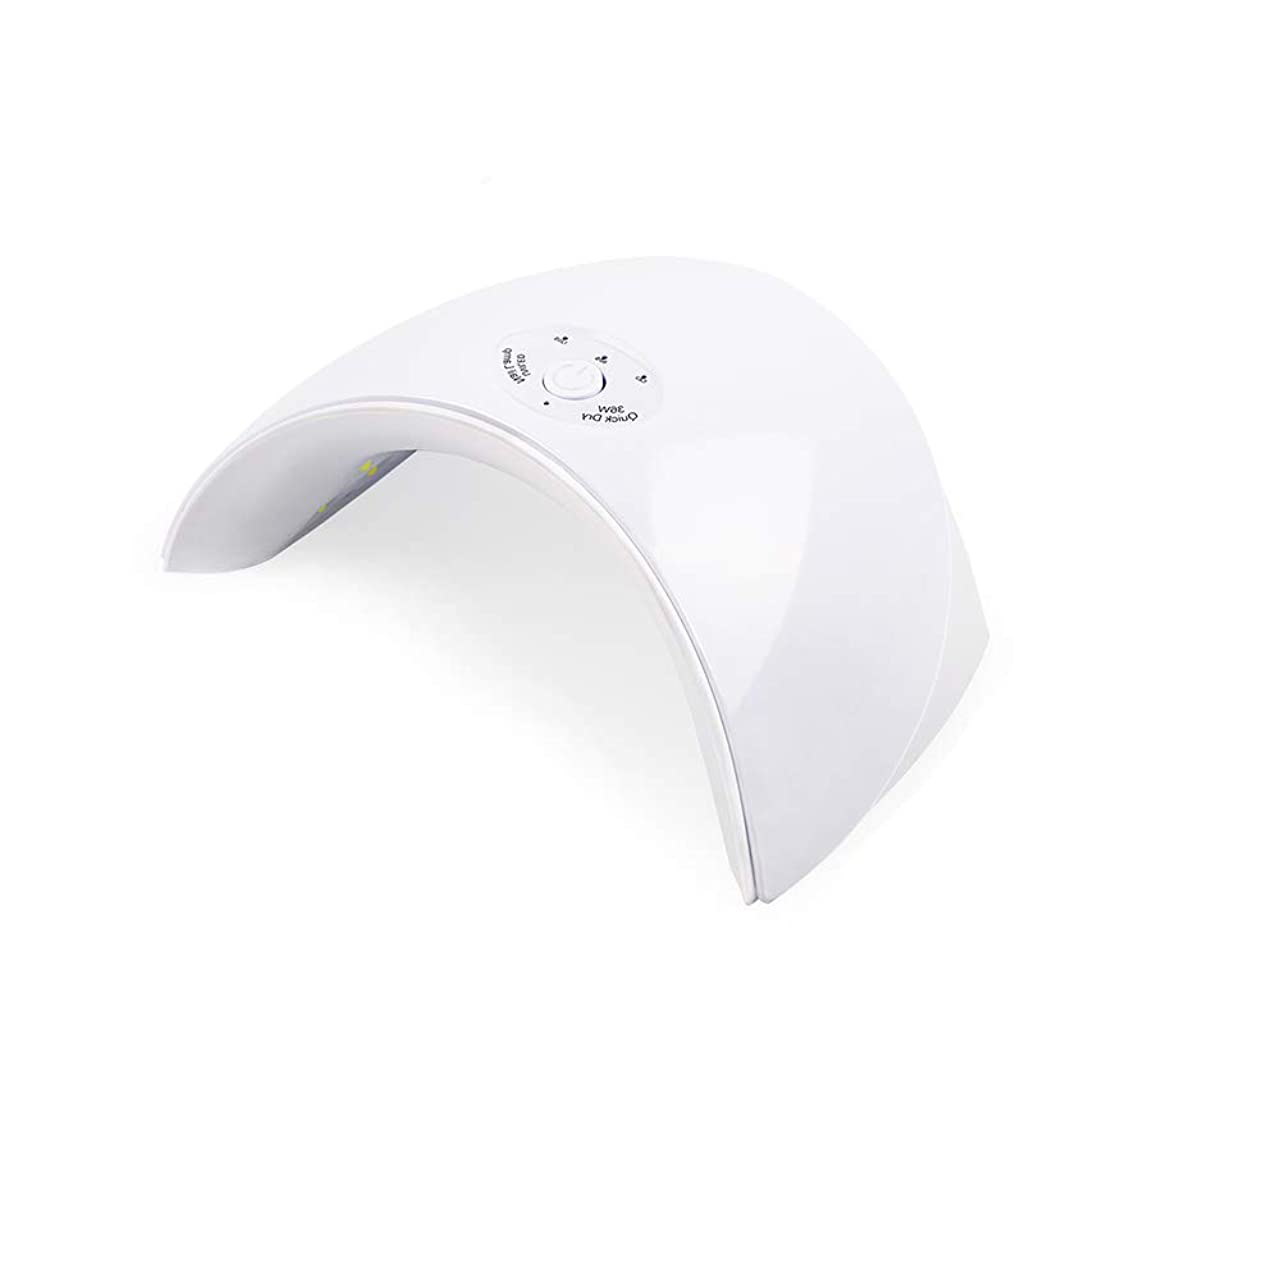 36Wネイルライト ホワイト 硬化用uv/ledライト ネイルドライヤー 硬化用ライト ネイル道具?ケアツール